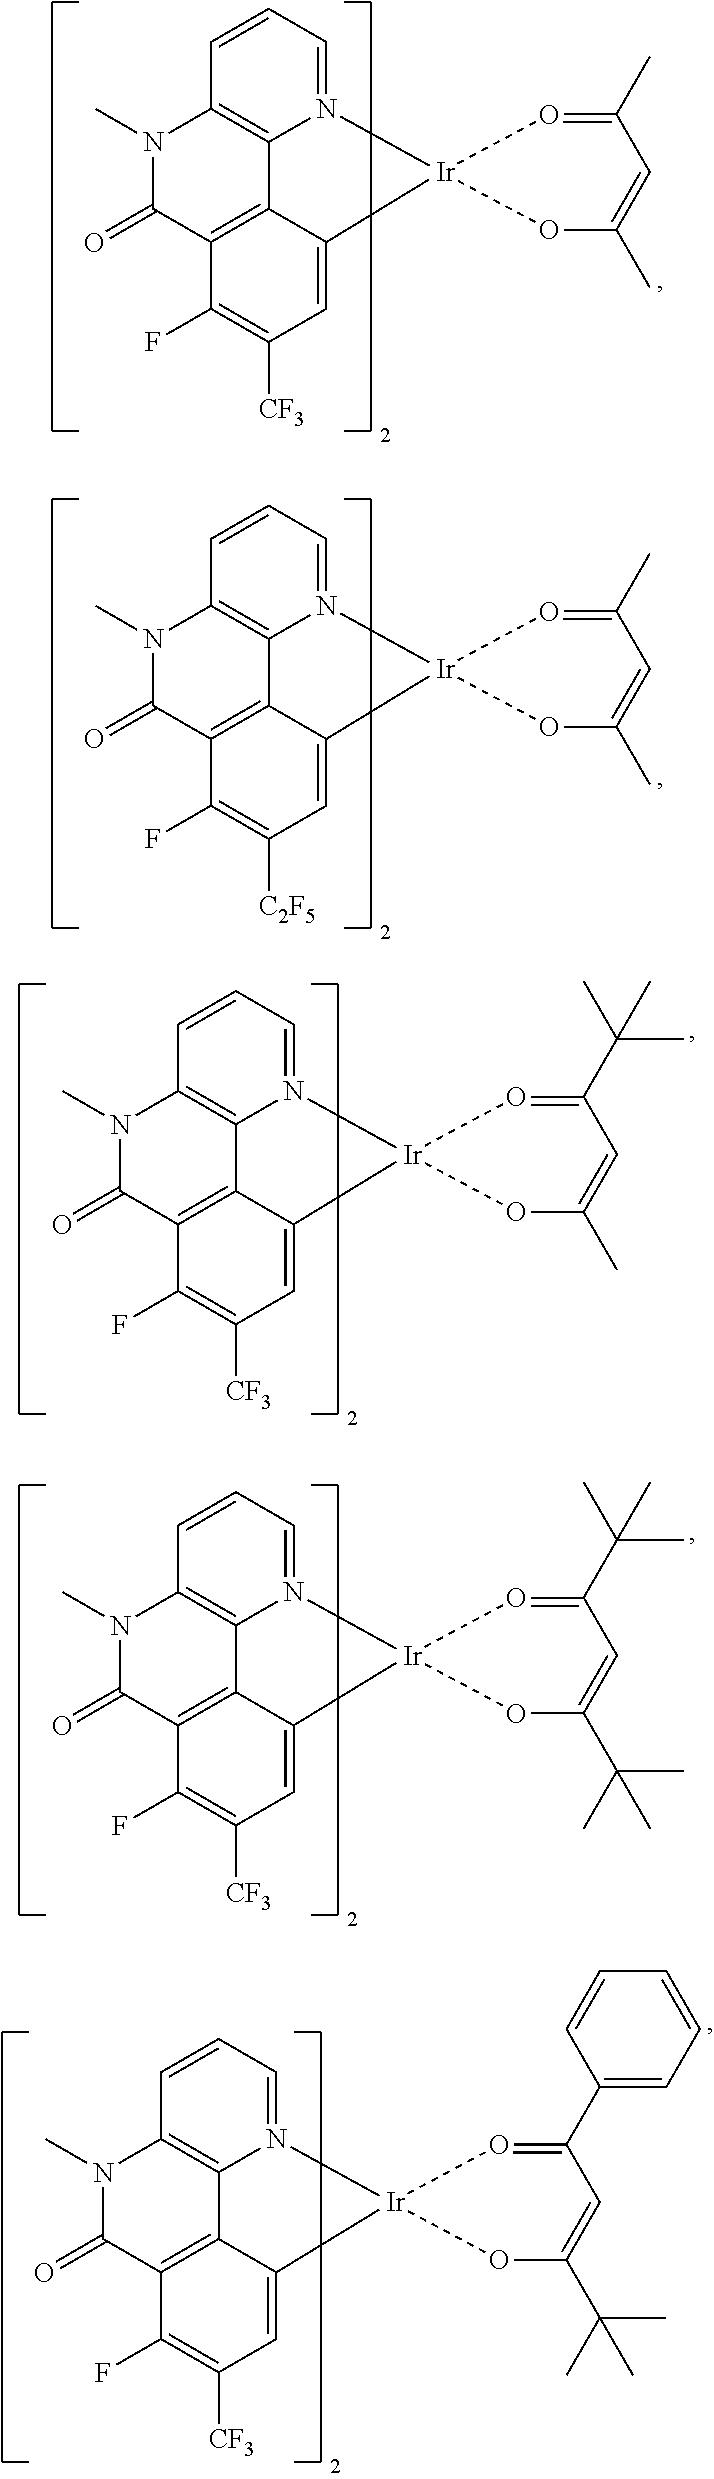 Figure US09634266-20170425-C00012